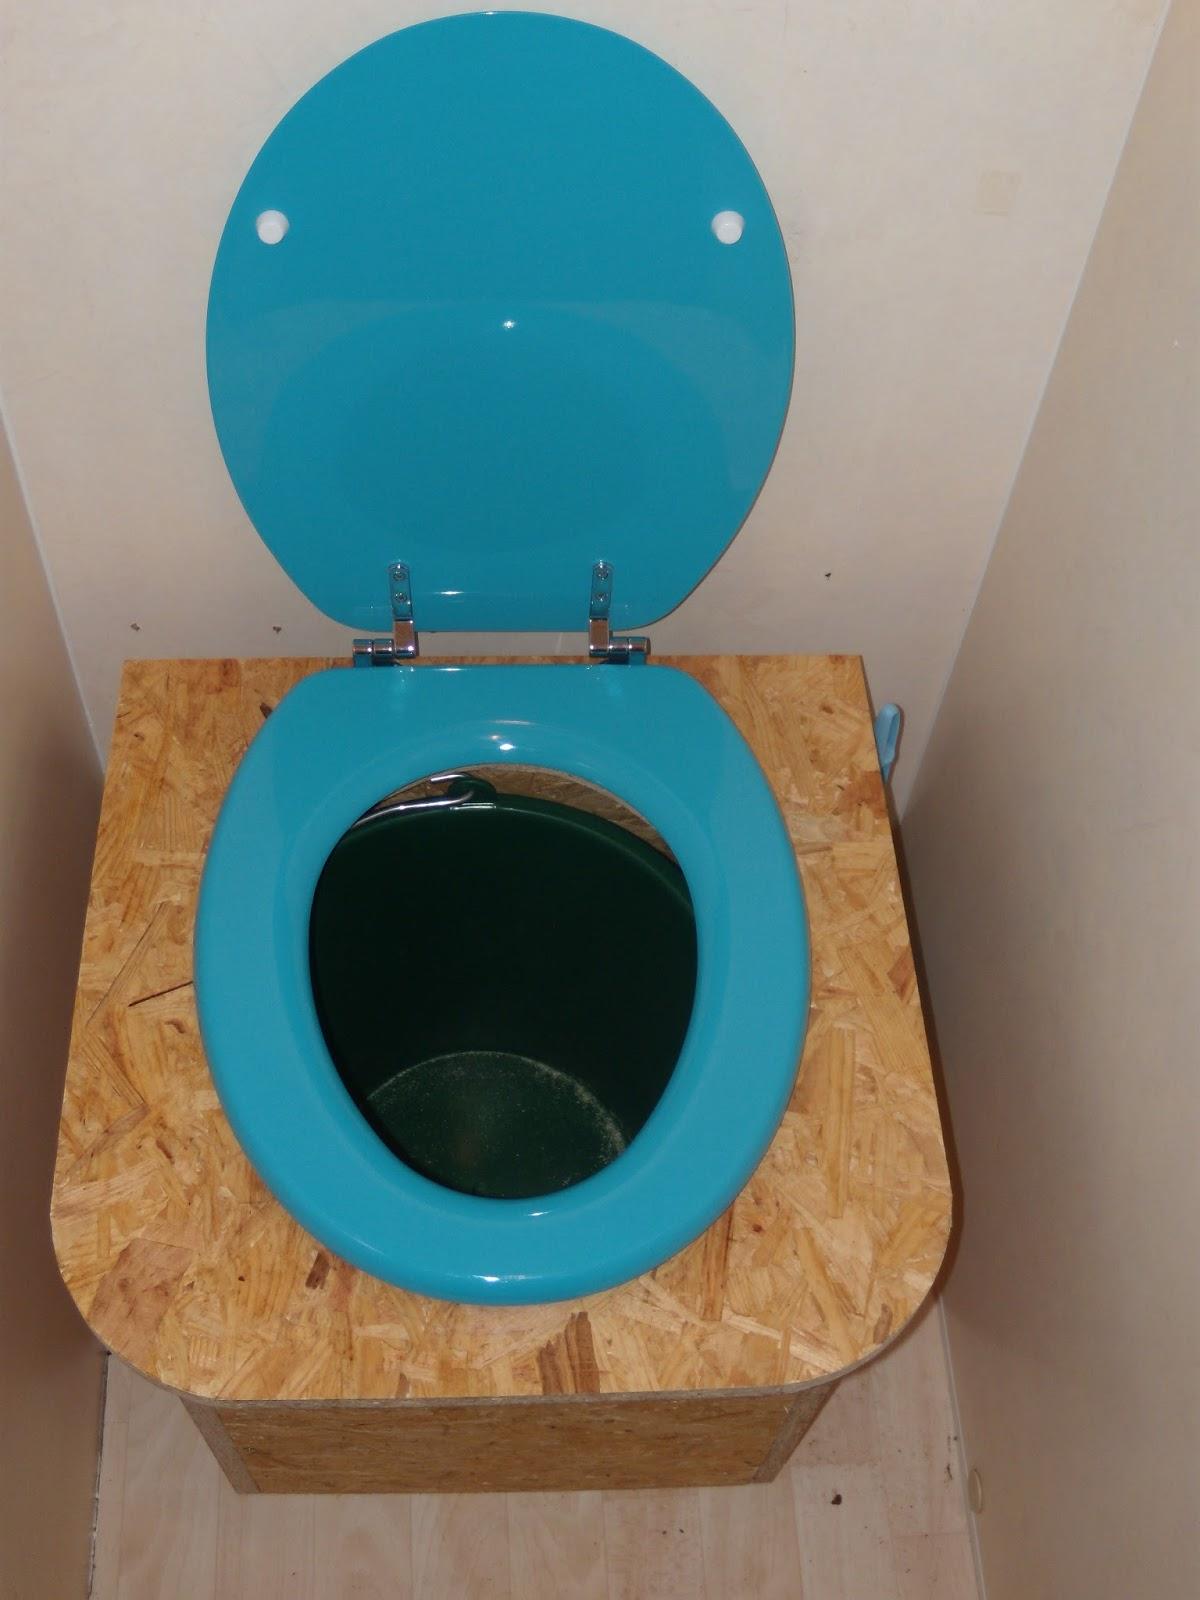 Le Blog De L'Avenir: Construire Soi Même Des Toilettes Sèches à Toilettes Leroy Merlin